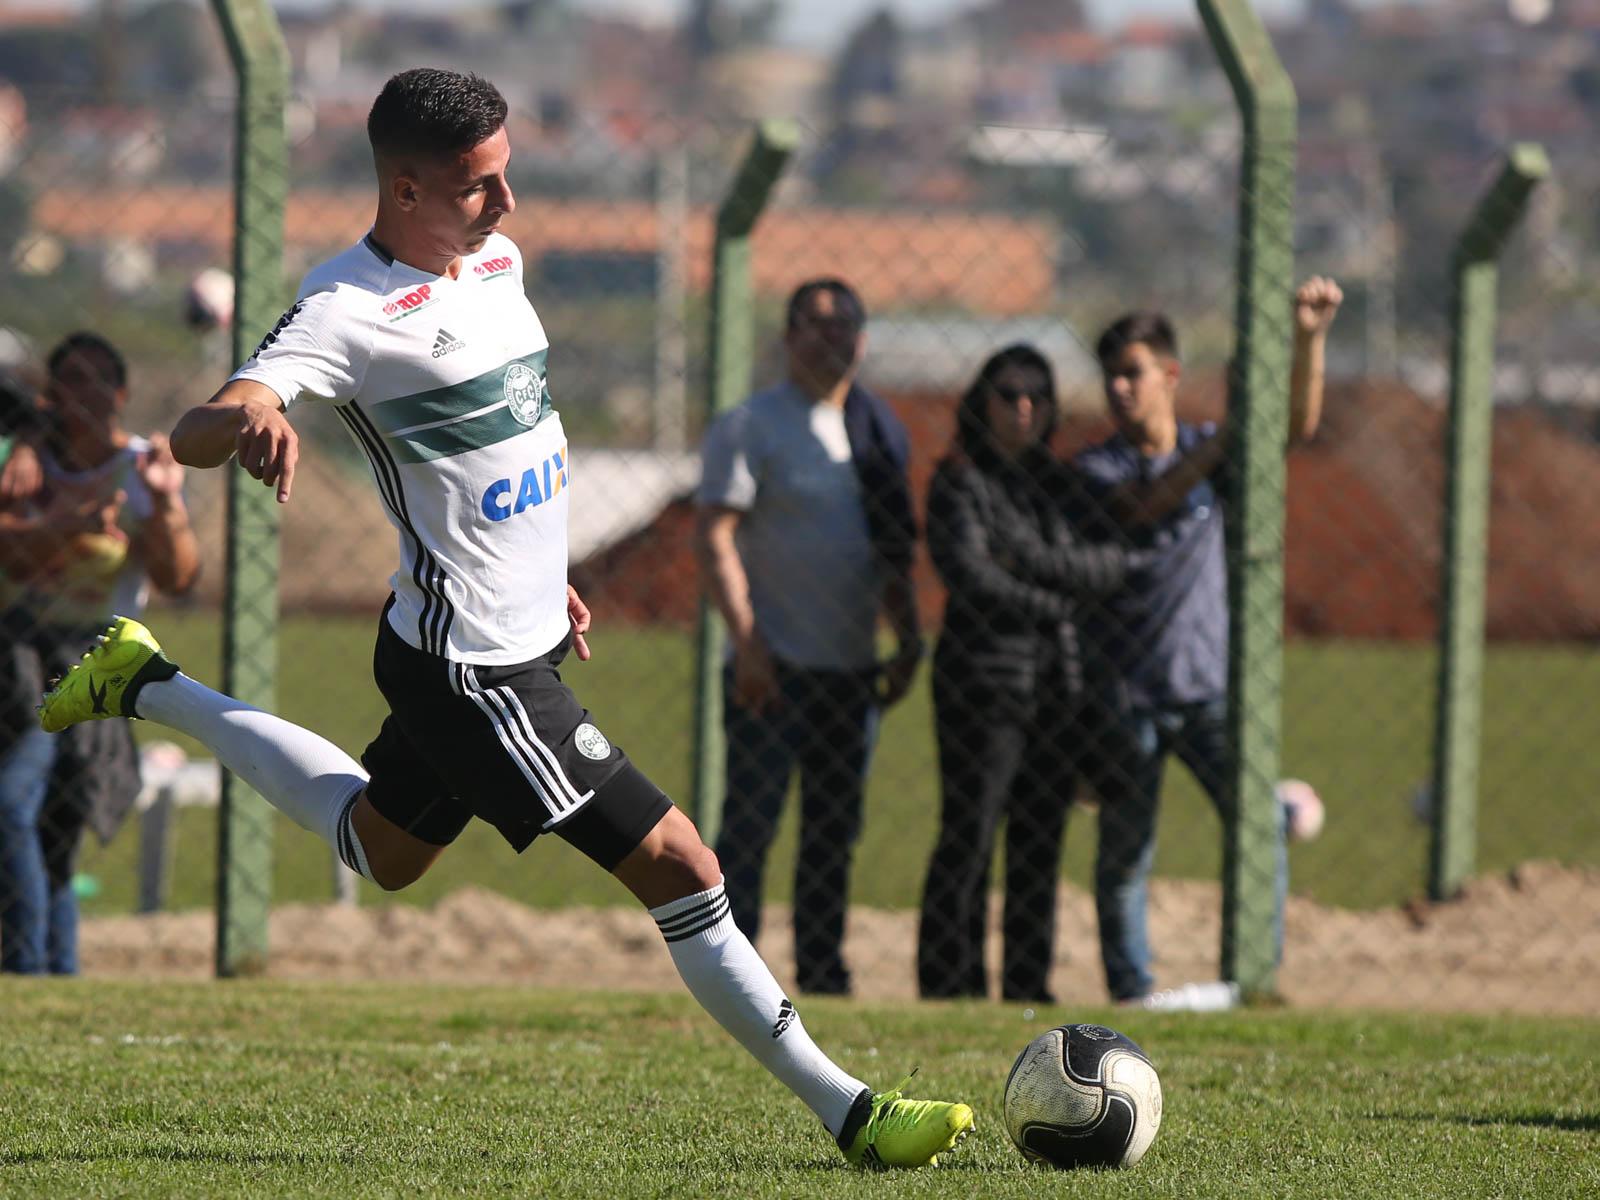 Após anotar mais um gol de falta pelo Coritiba, lateral Angelo Chaves vibra com tento decisivo e artilharia do Coxa na Copa do Brasil sub-17